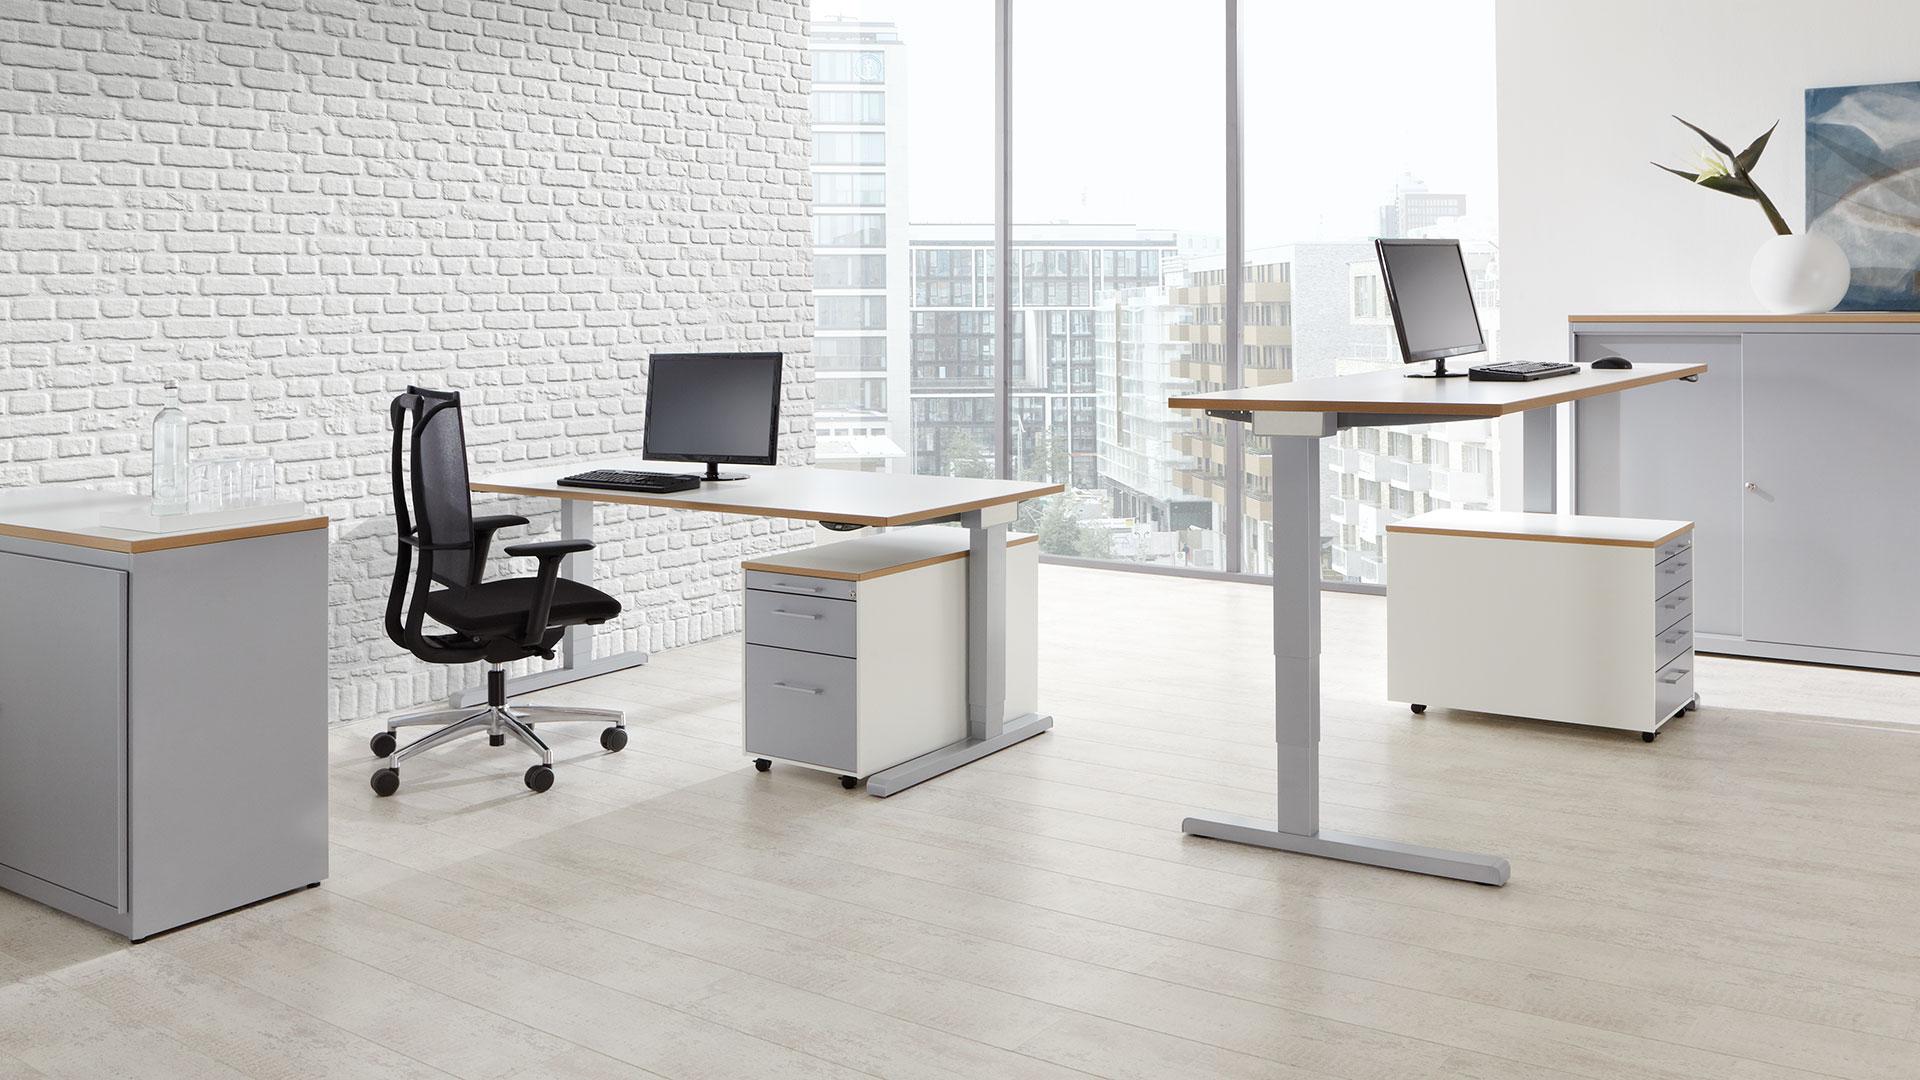 Schreibtisch-Arbeitstisch-elektrisch-hoehenverstellbar-Steh-Sitzarbeitsplatz-varitos-c-mauser-16-9LzBnAzu2sDbFY